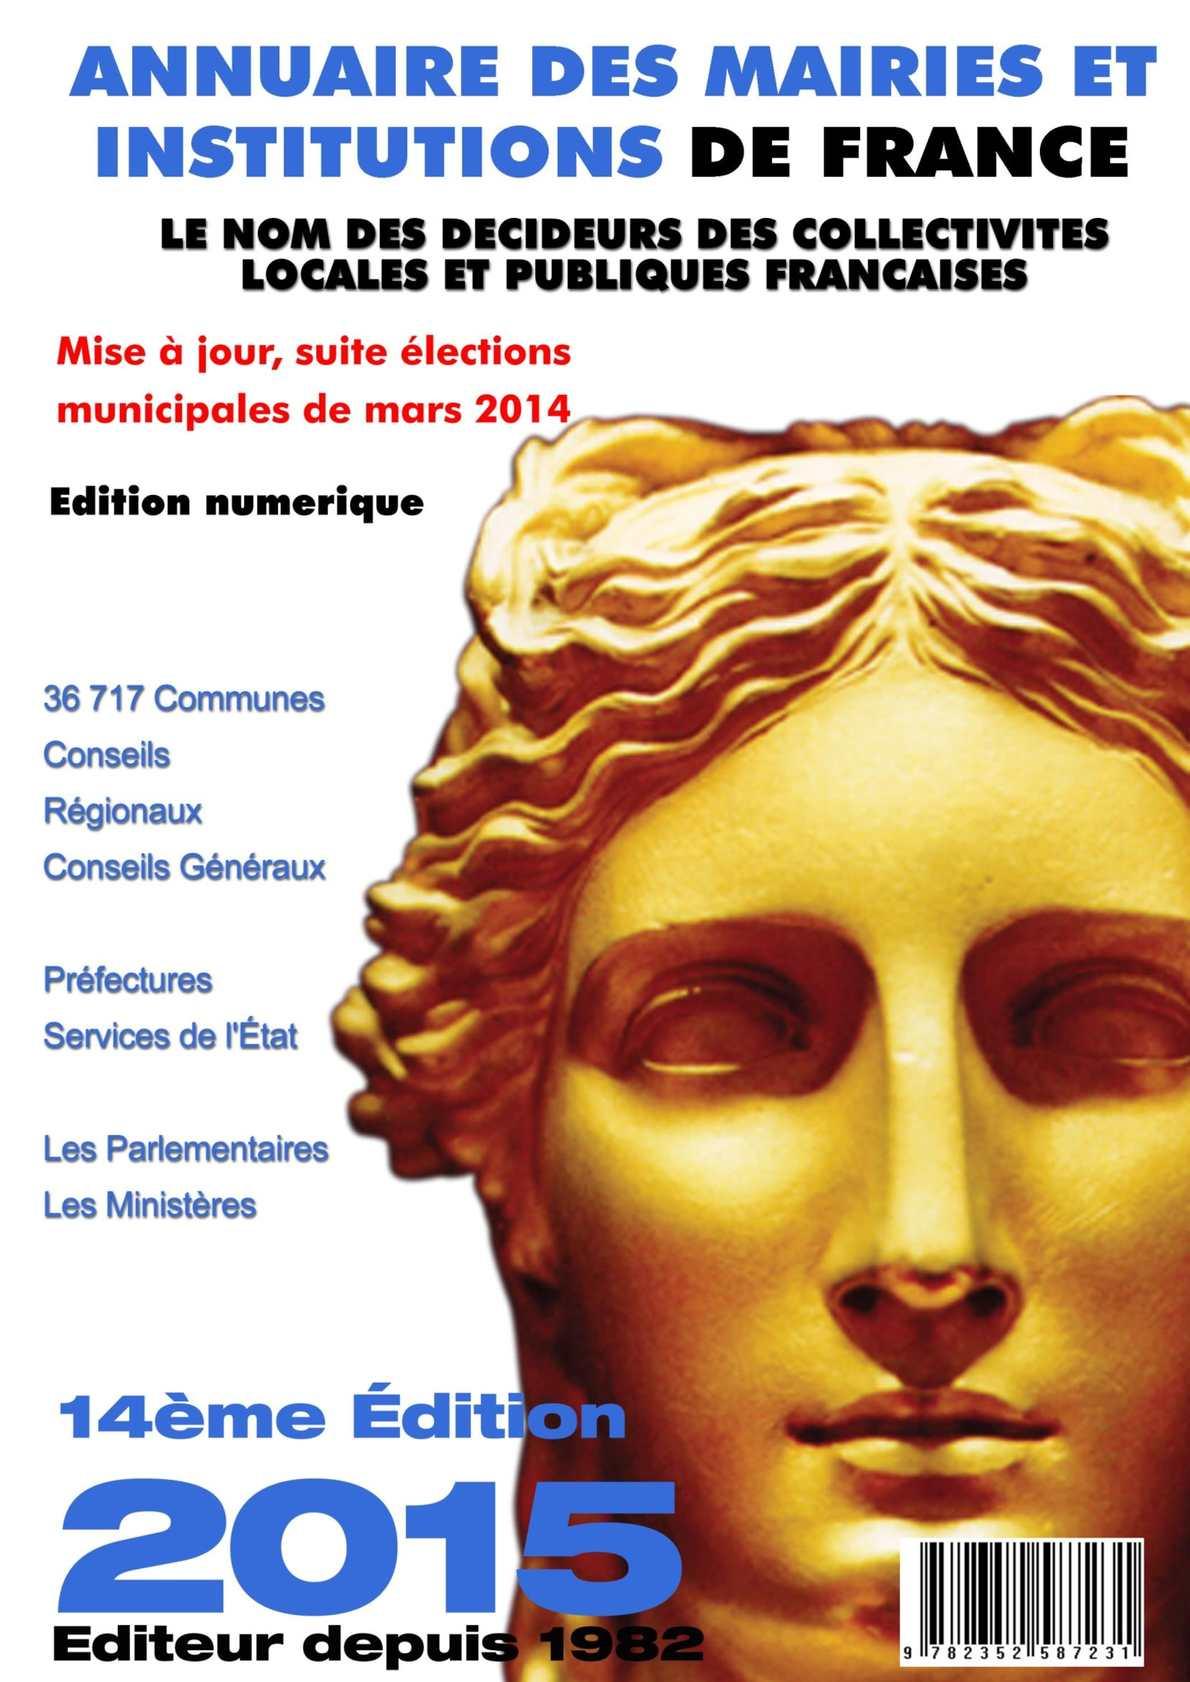 Annuaire des Mairies et Institutions de France 2015